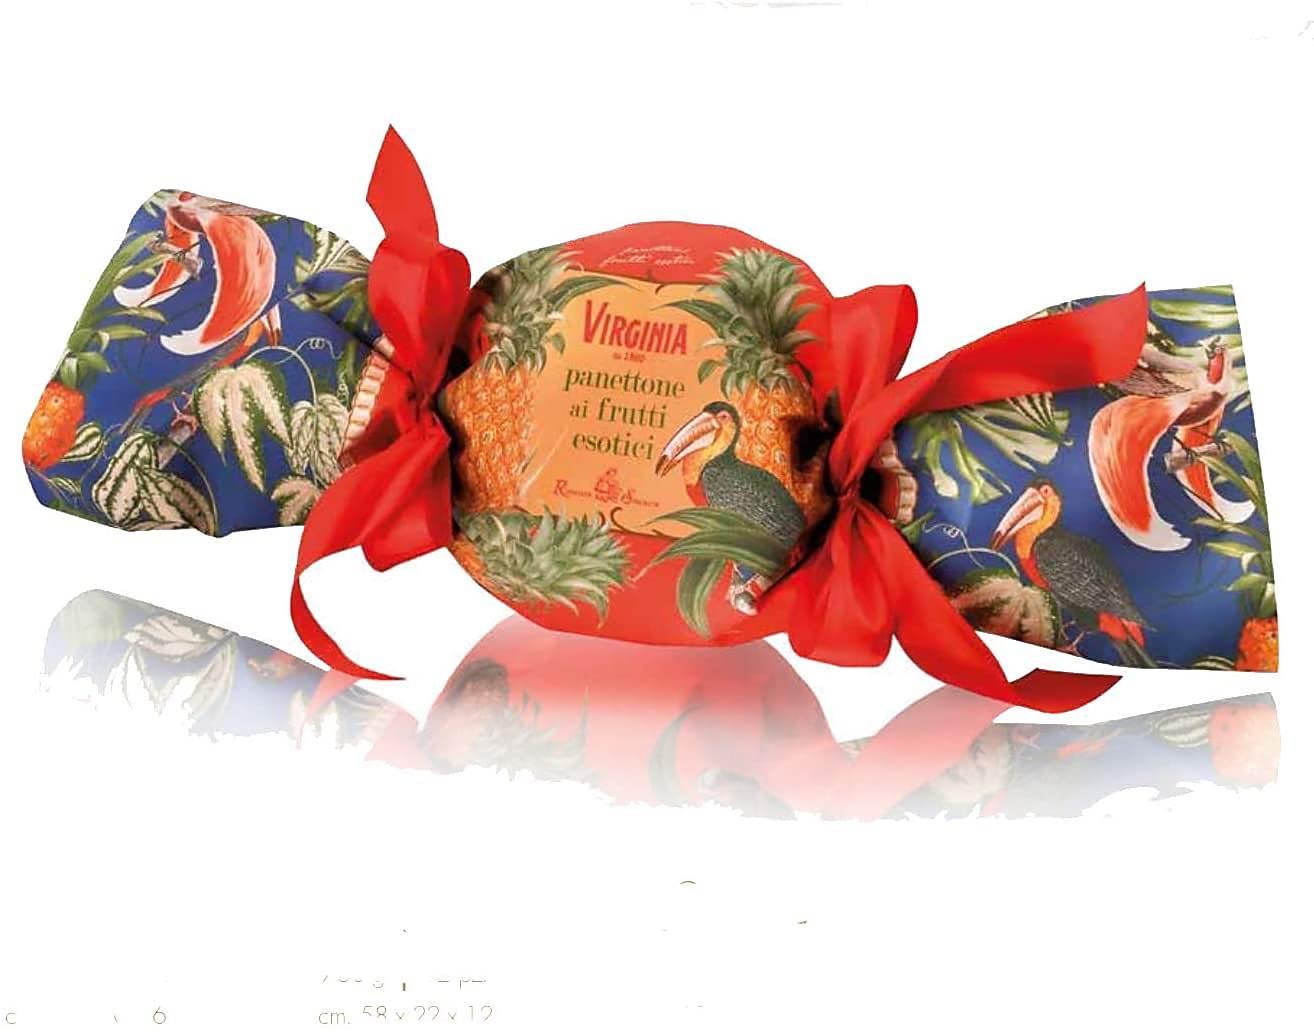 Panettone Frutas Exóticas Embrulho de Bombom 750gr - Abacaxi-Goiaba-Mamão - VIRGINIA